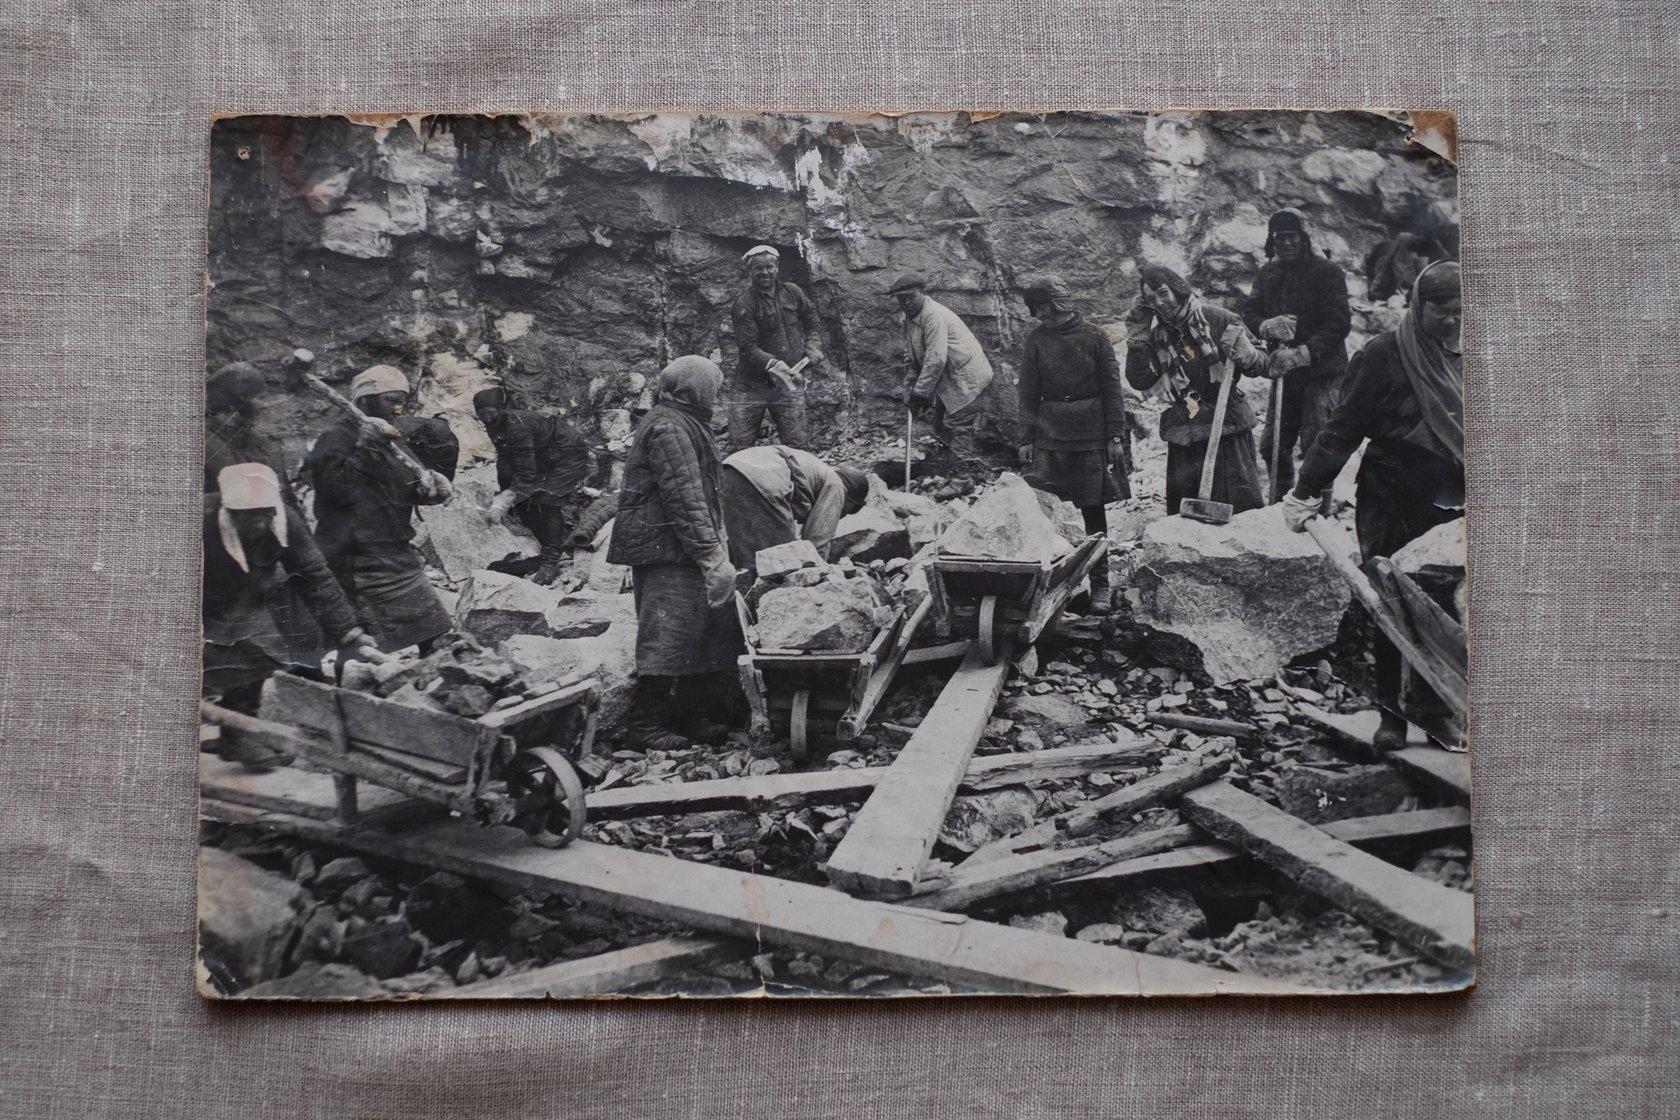 85 лет назад на строительстве Беломорканала погибли десятки тысяч человек. Теперь он никому не нужен